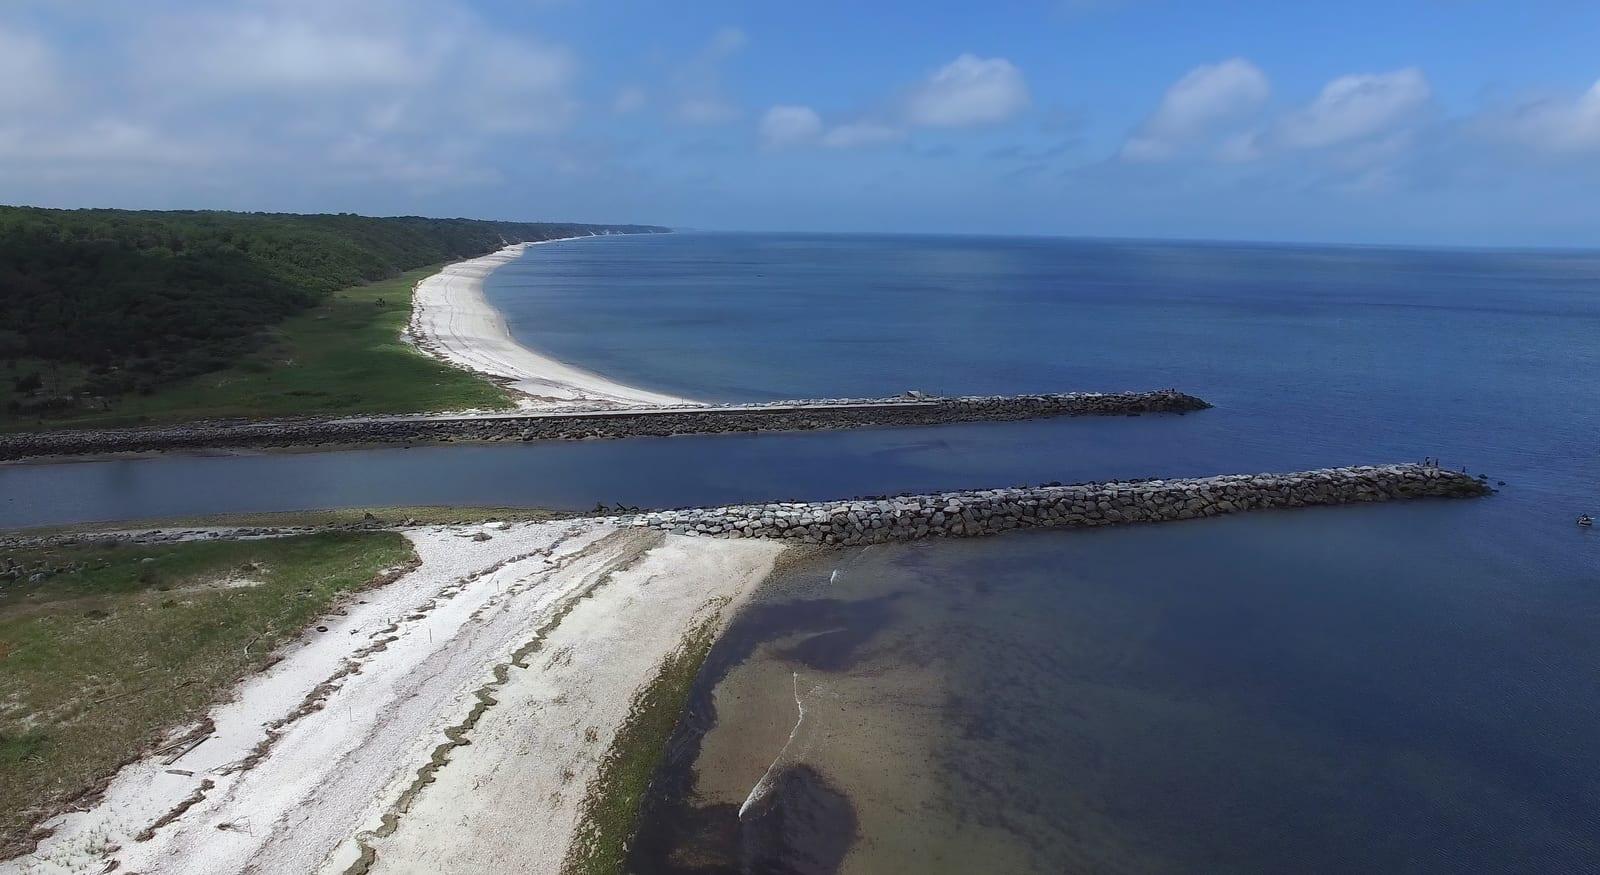 Sea Cliff (Nassau County) Long Island, NY Private Investigator